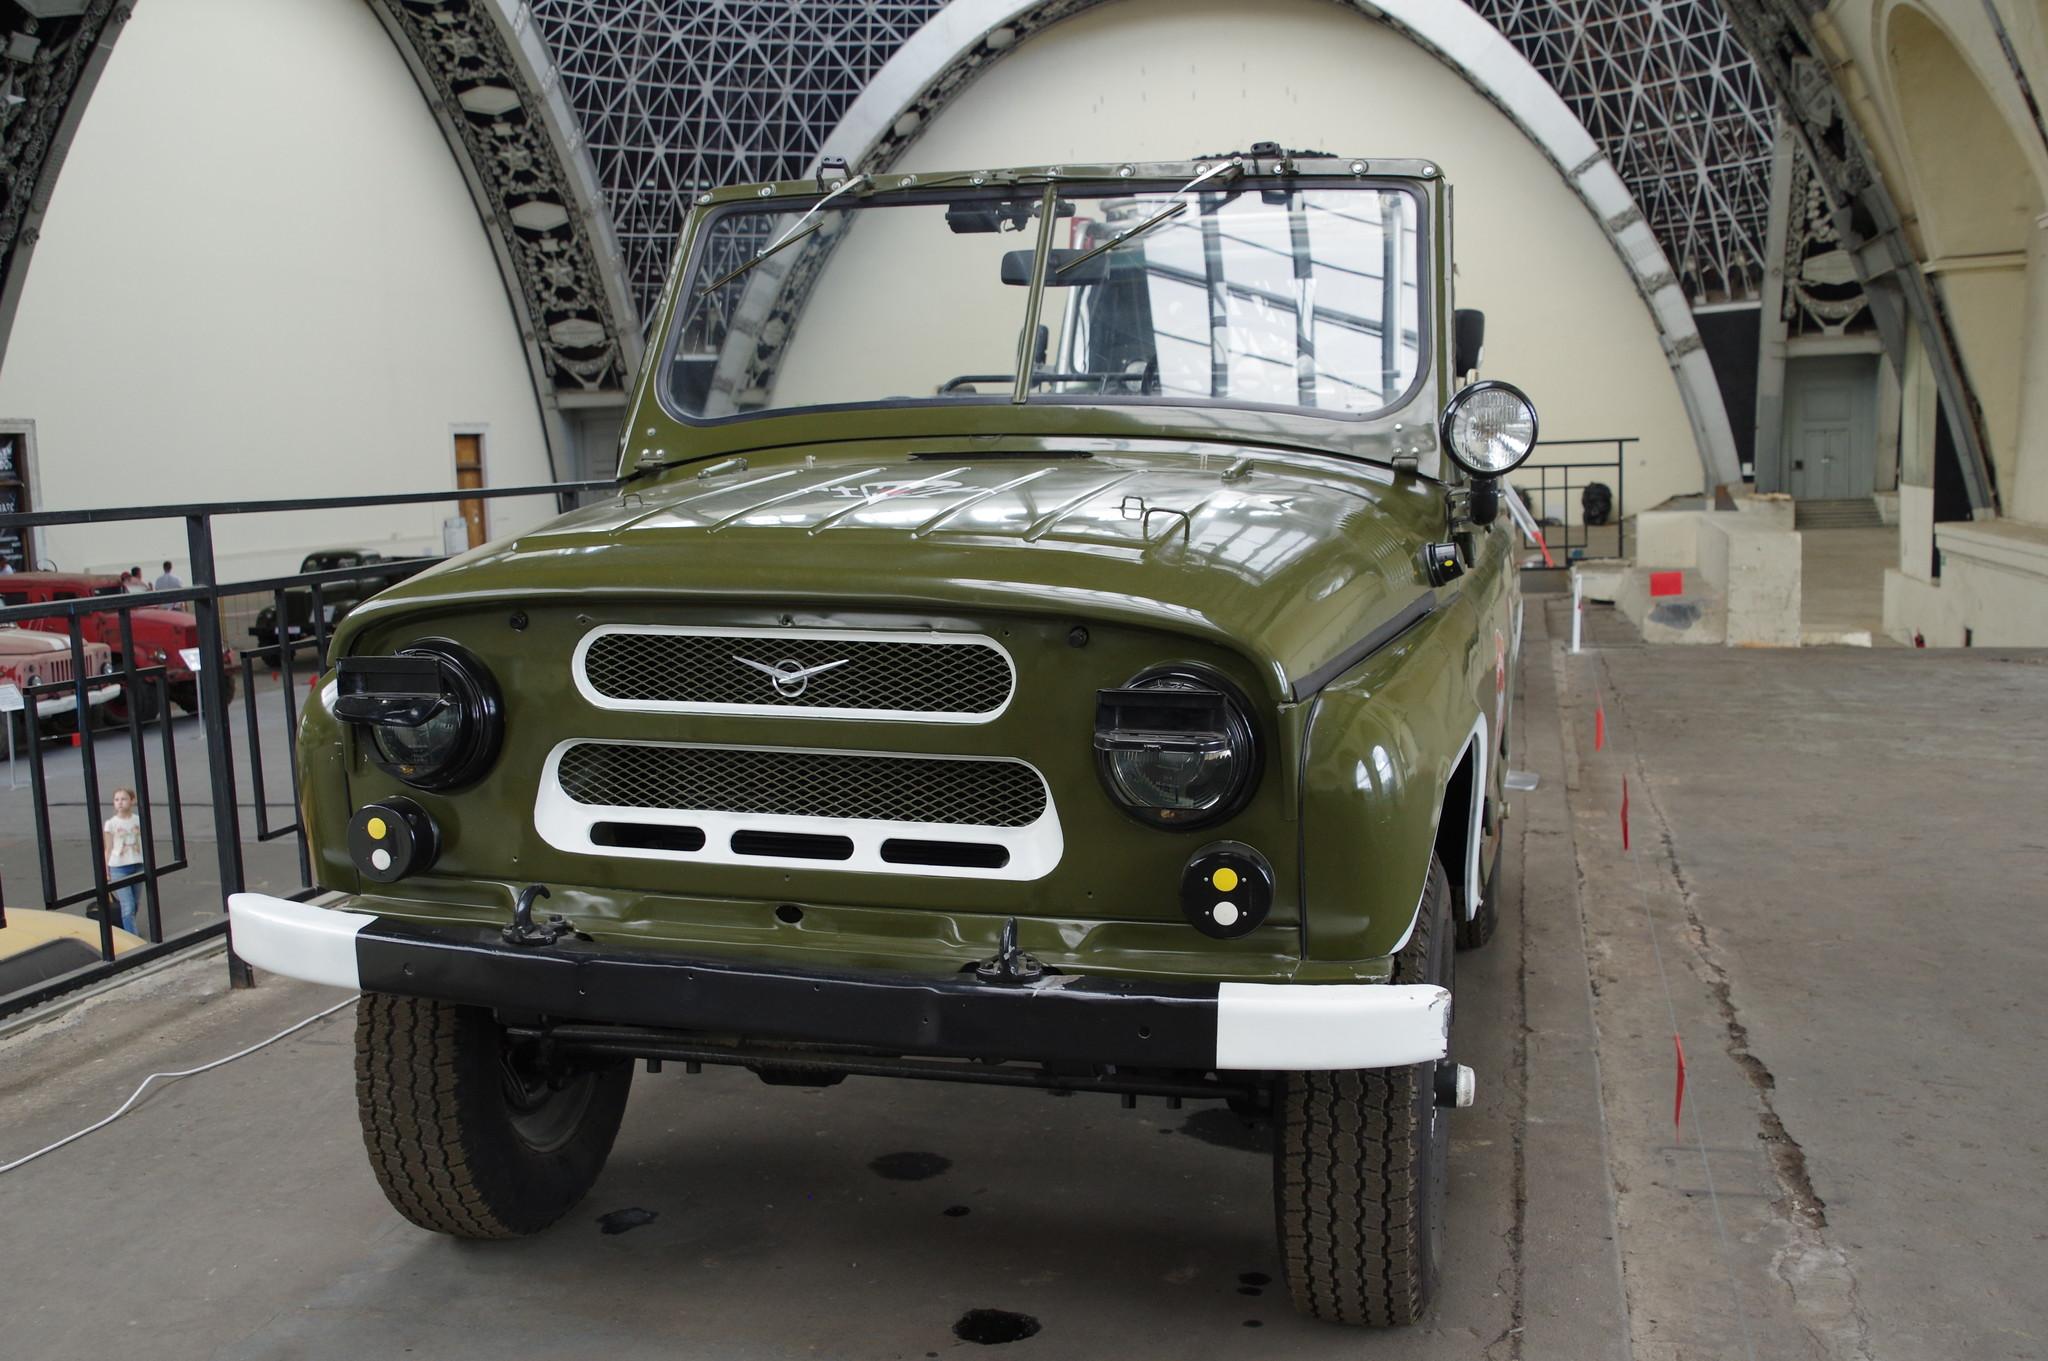 Автомобиль повышенной проходимости УАЗ-469